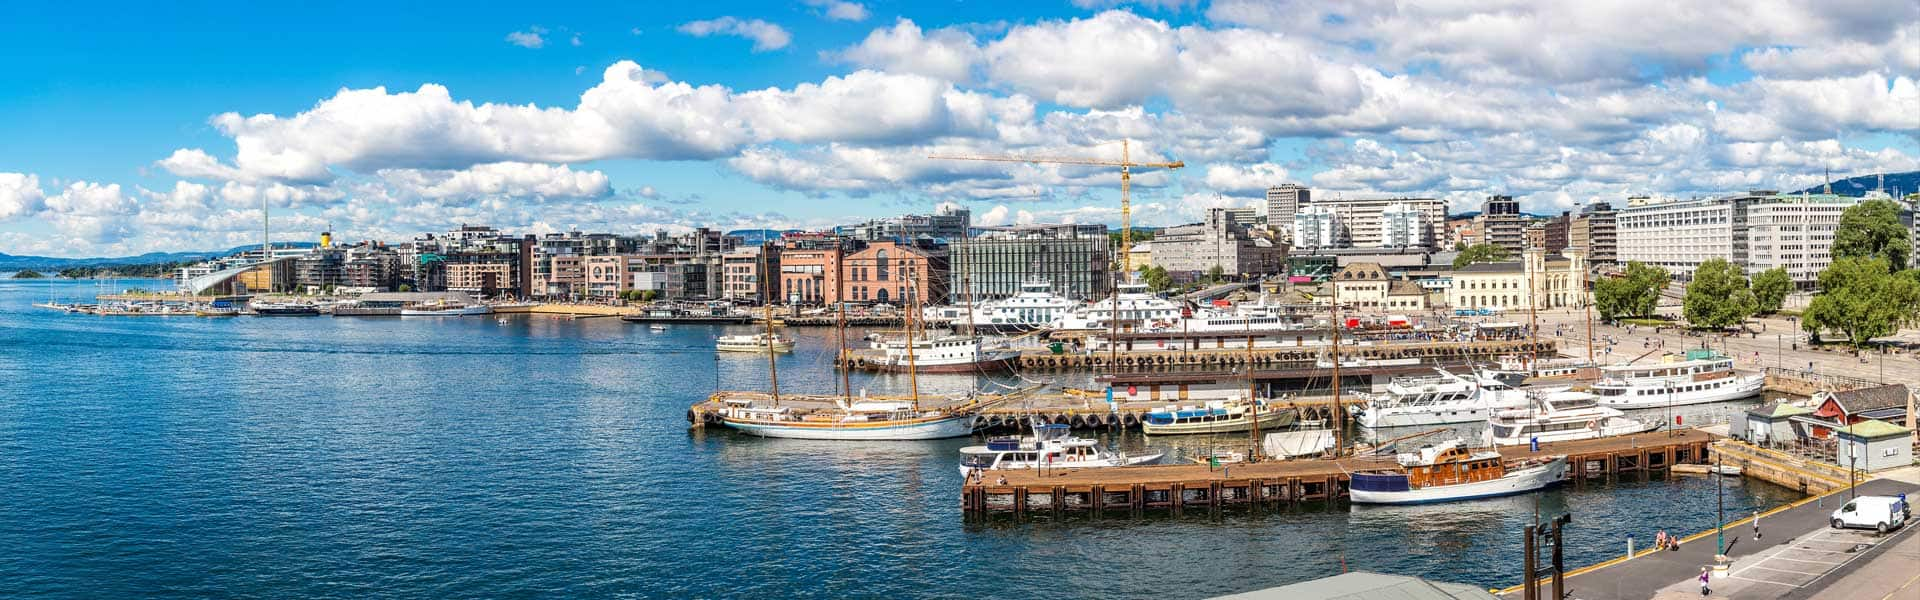 Kommen Sie nach Vinterbro! Besuchen Sie den Freizeitpark TusenFryd nahe Oslo